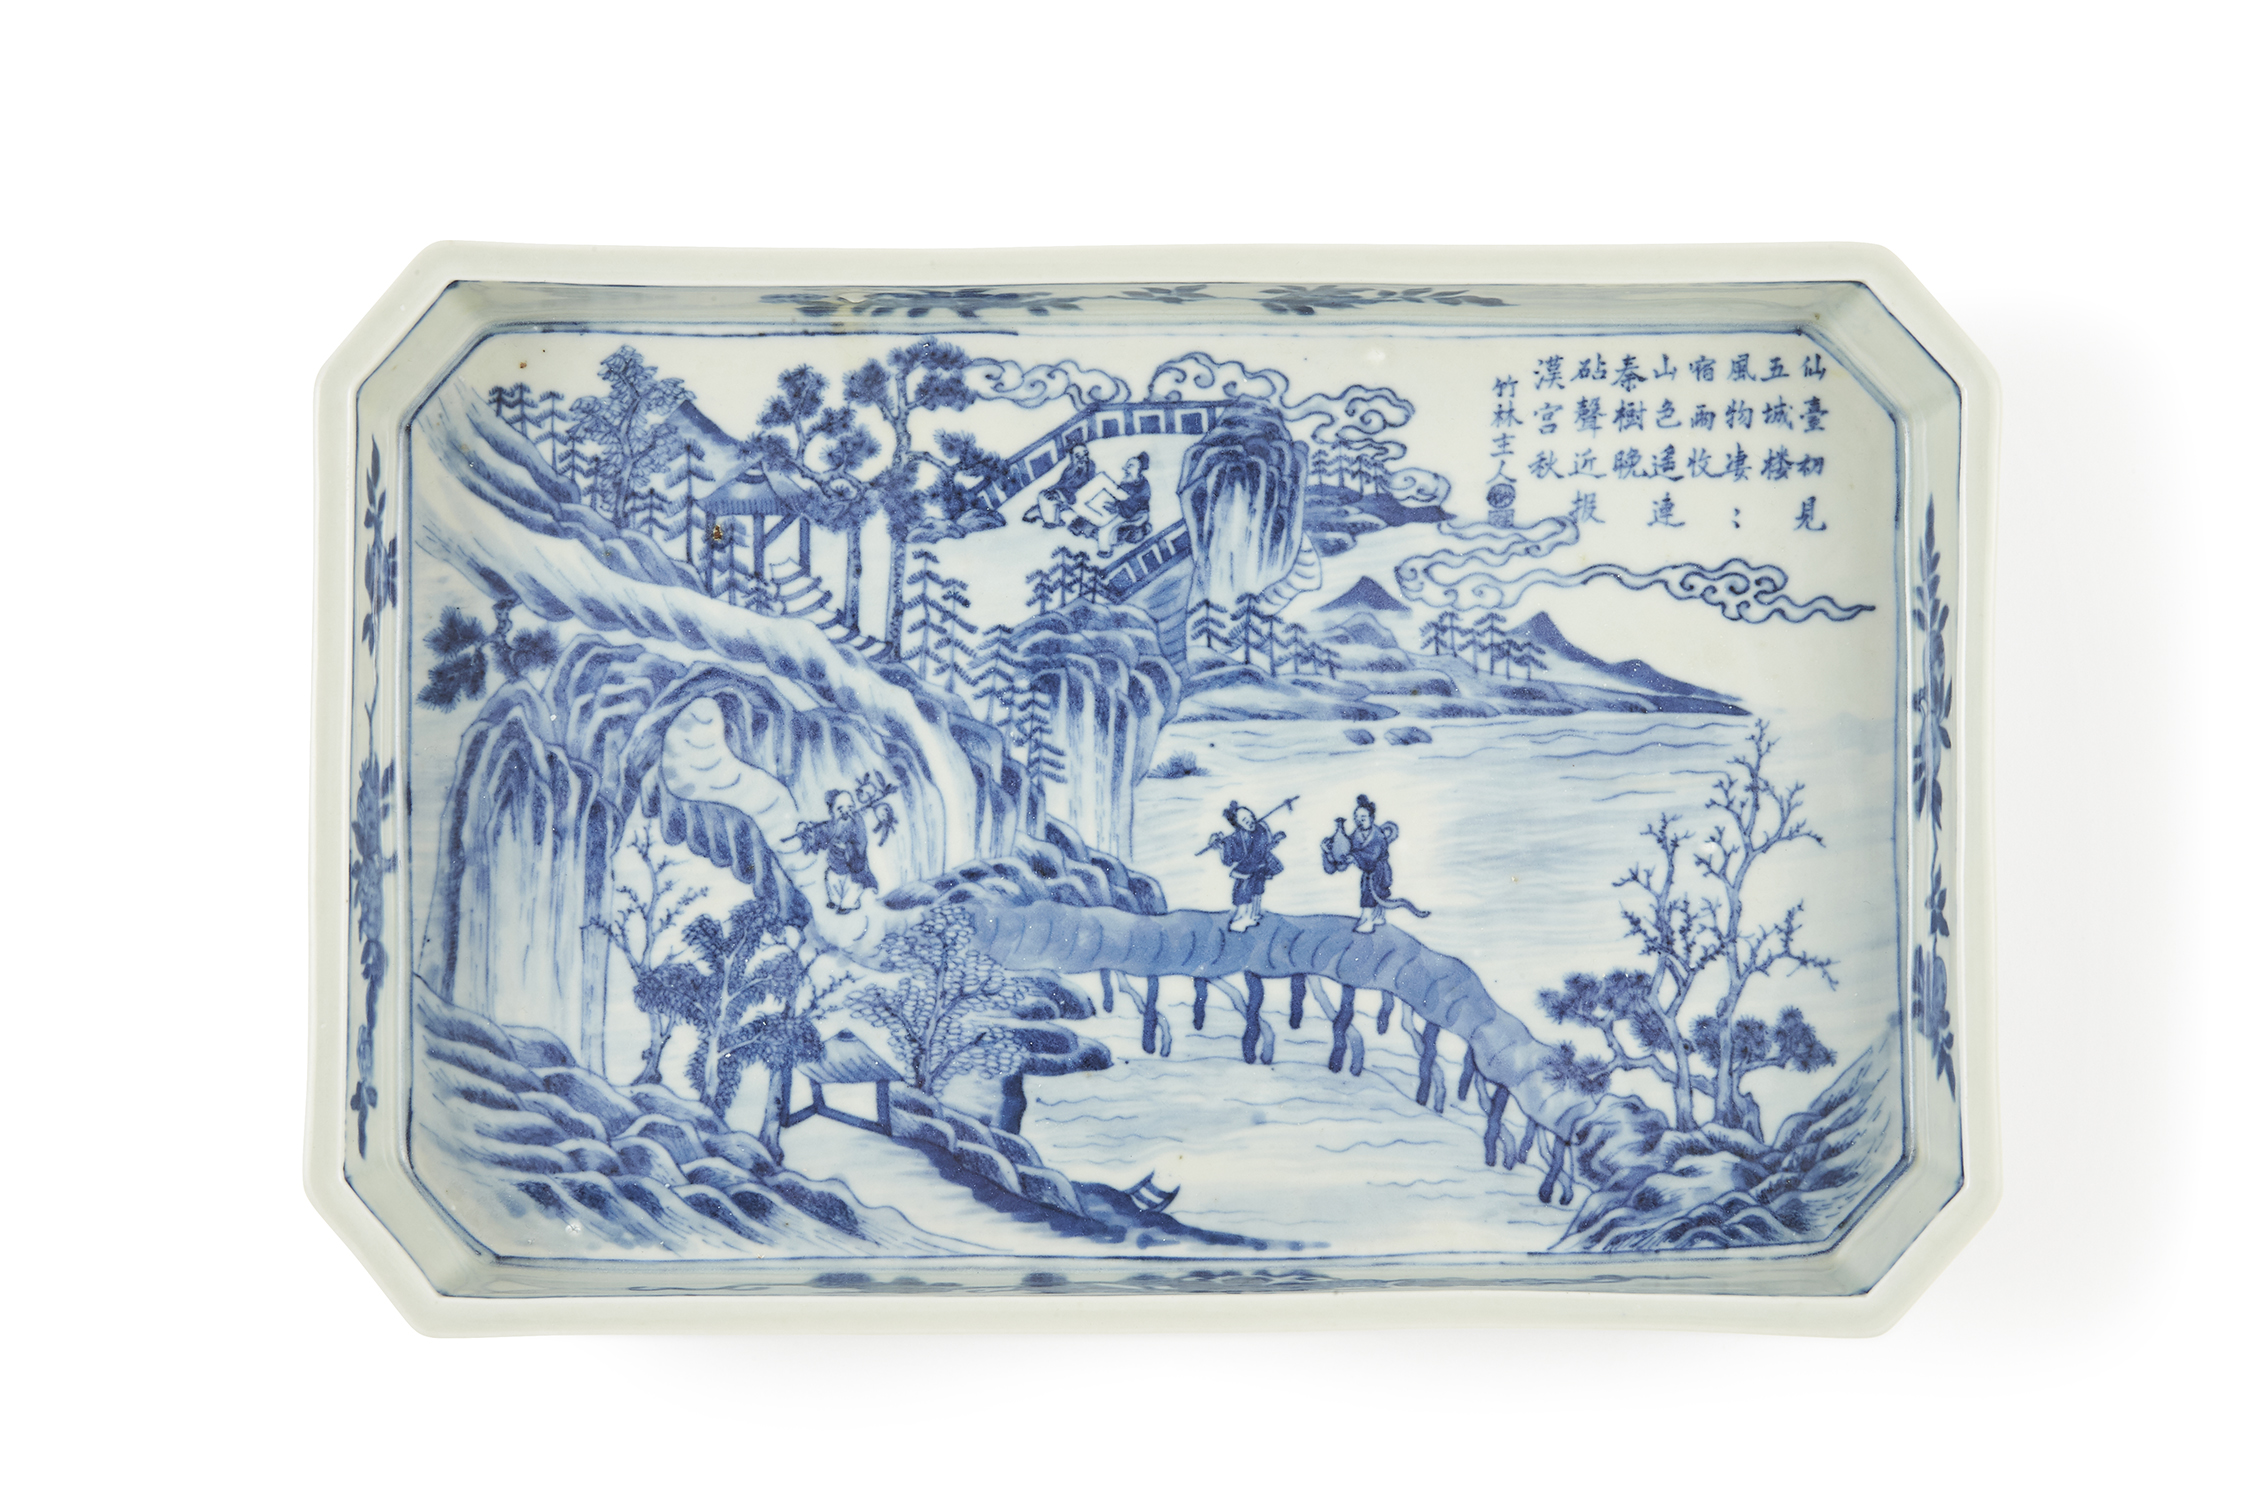 170492清 嘉慶「大清嘉慶年製」款 青花 山水人物 詩文紋 長方盤